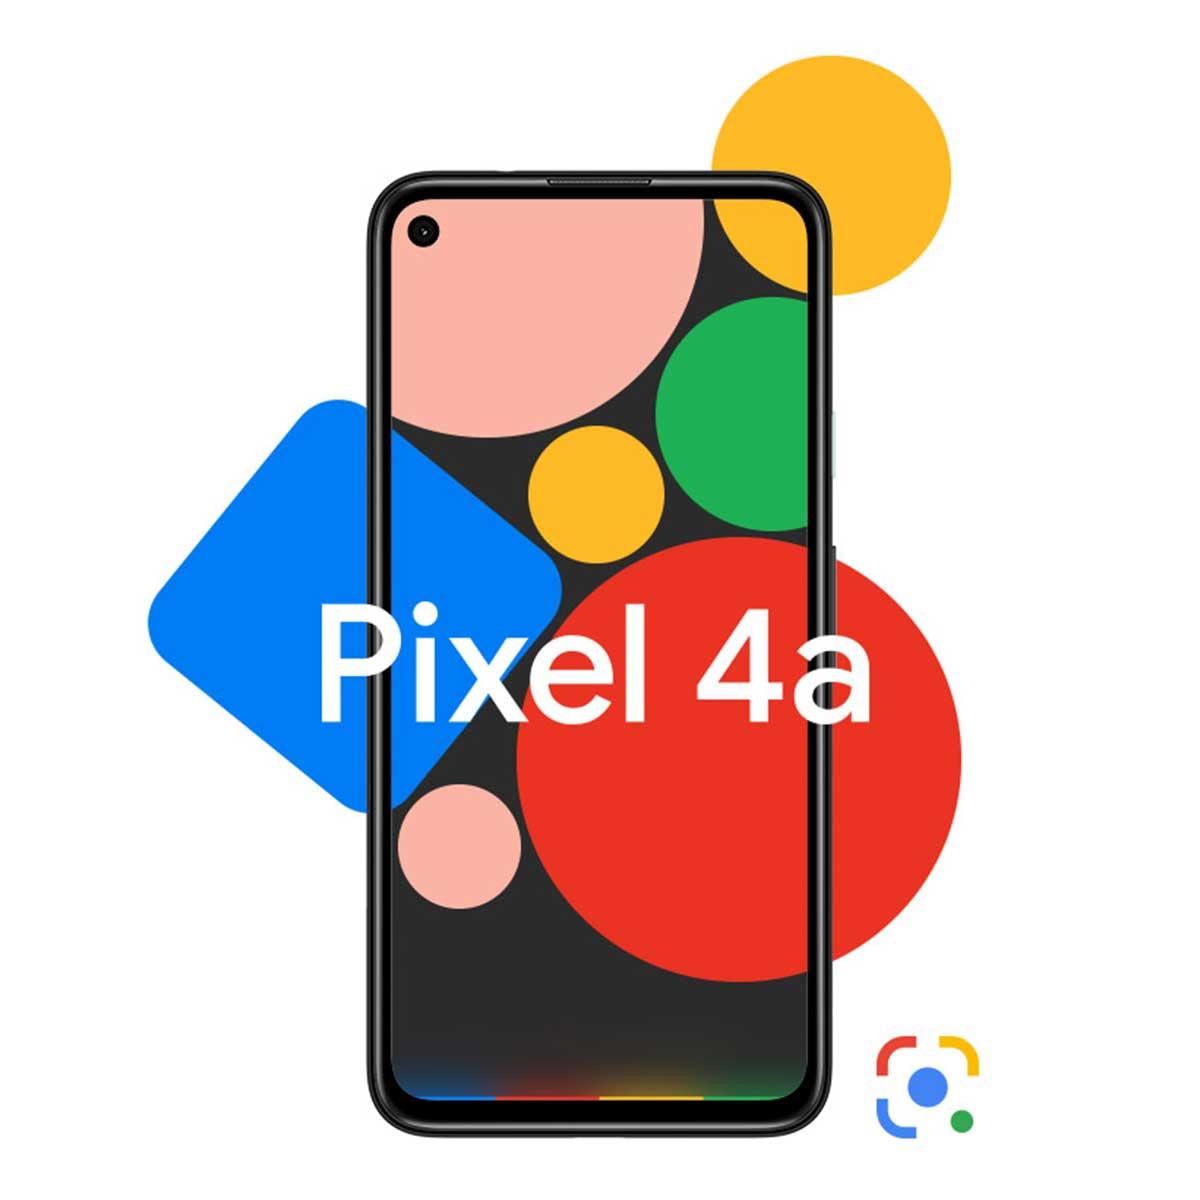 【今週発売の注目製品】4万円台の5.81型有機ELスマホ「Google Pixel 4a」が登場